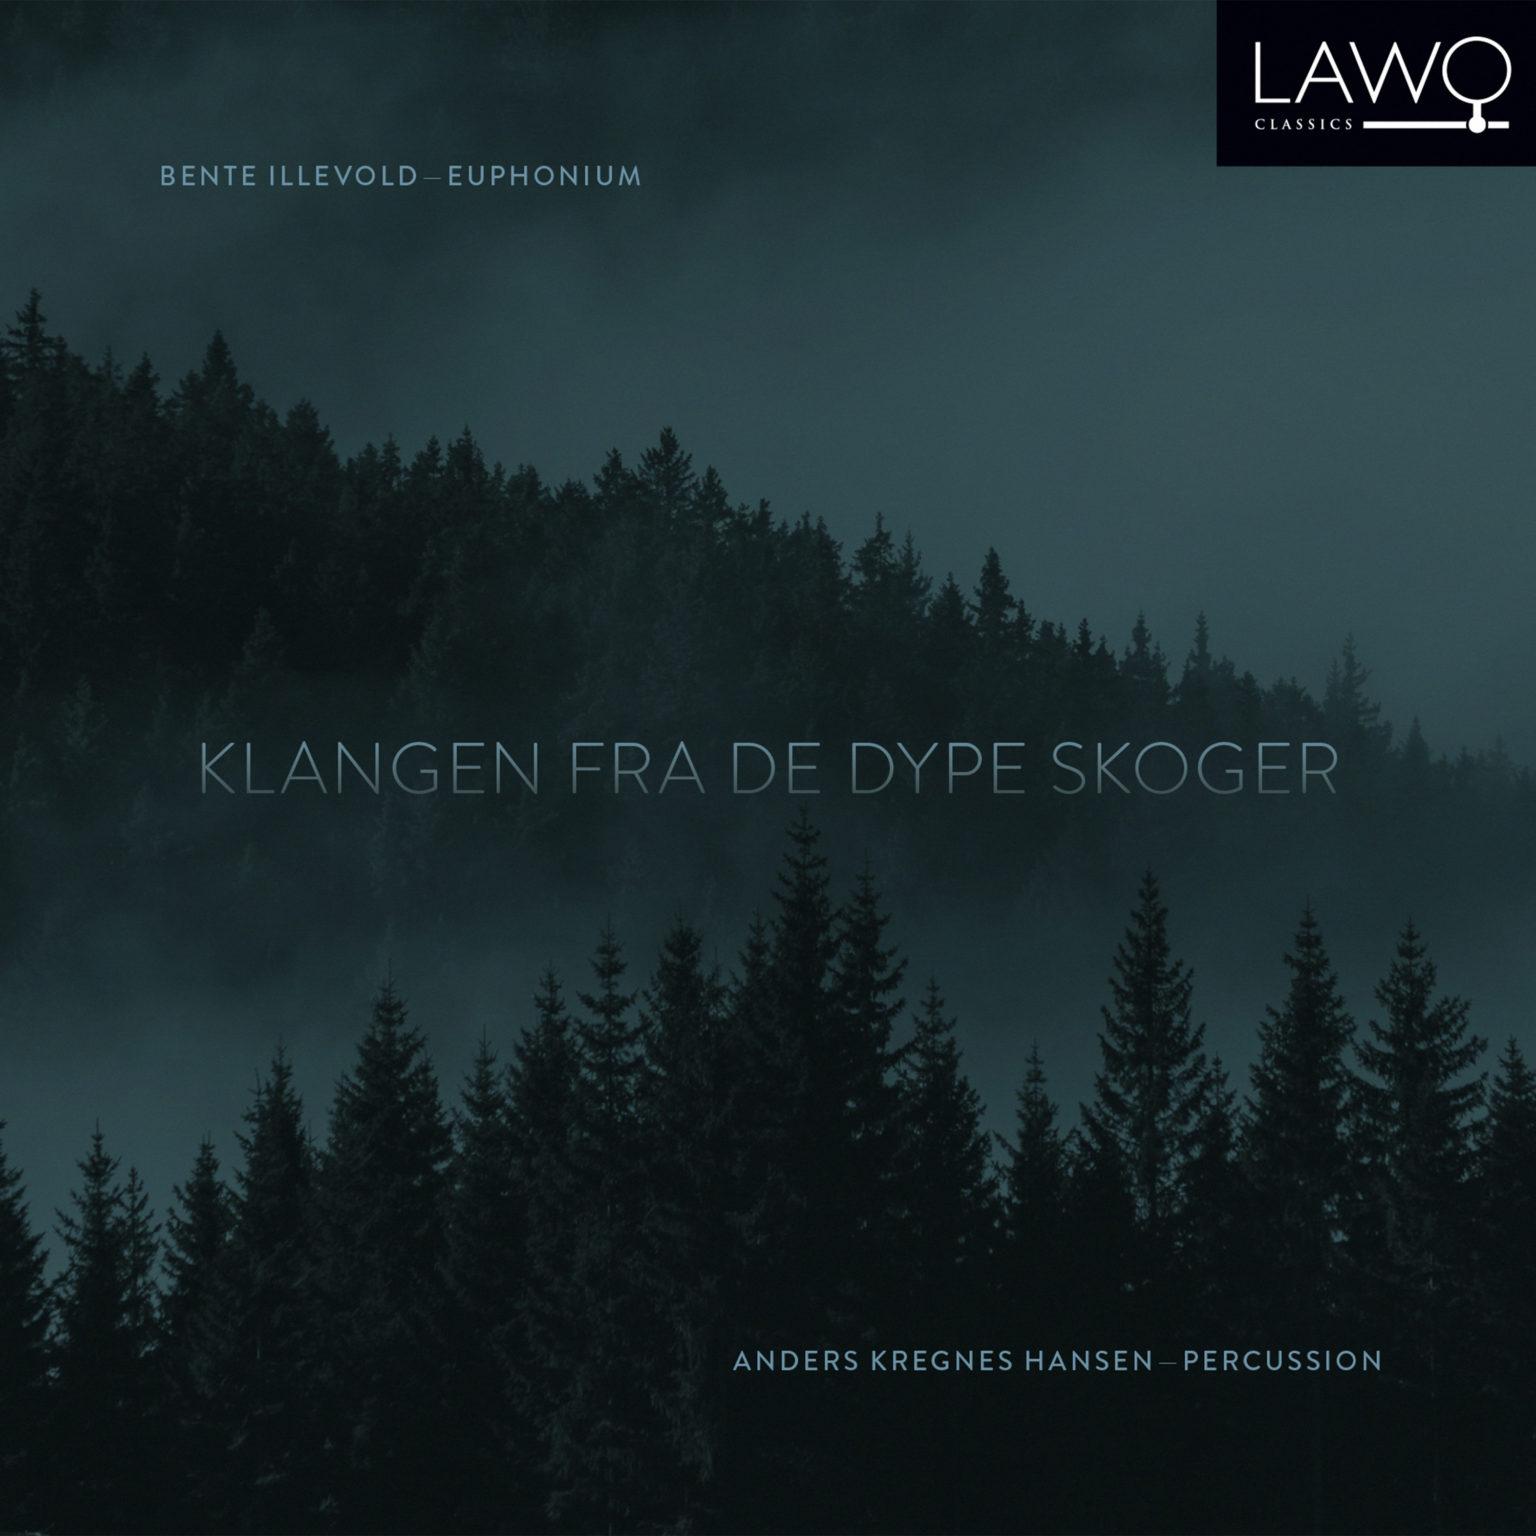 Click image for larger version.  Name:LWC1195_Bente_Illevold_Klangen_fra_de_dype_skoger_cover_3000x3000px-1536x1536.jpg Views:146 Size:174.8 KB ID:7720